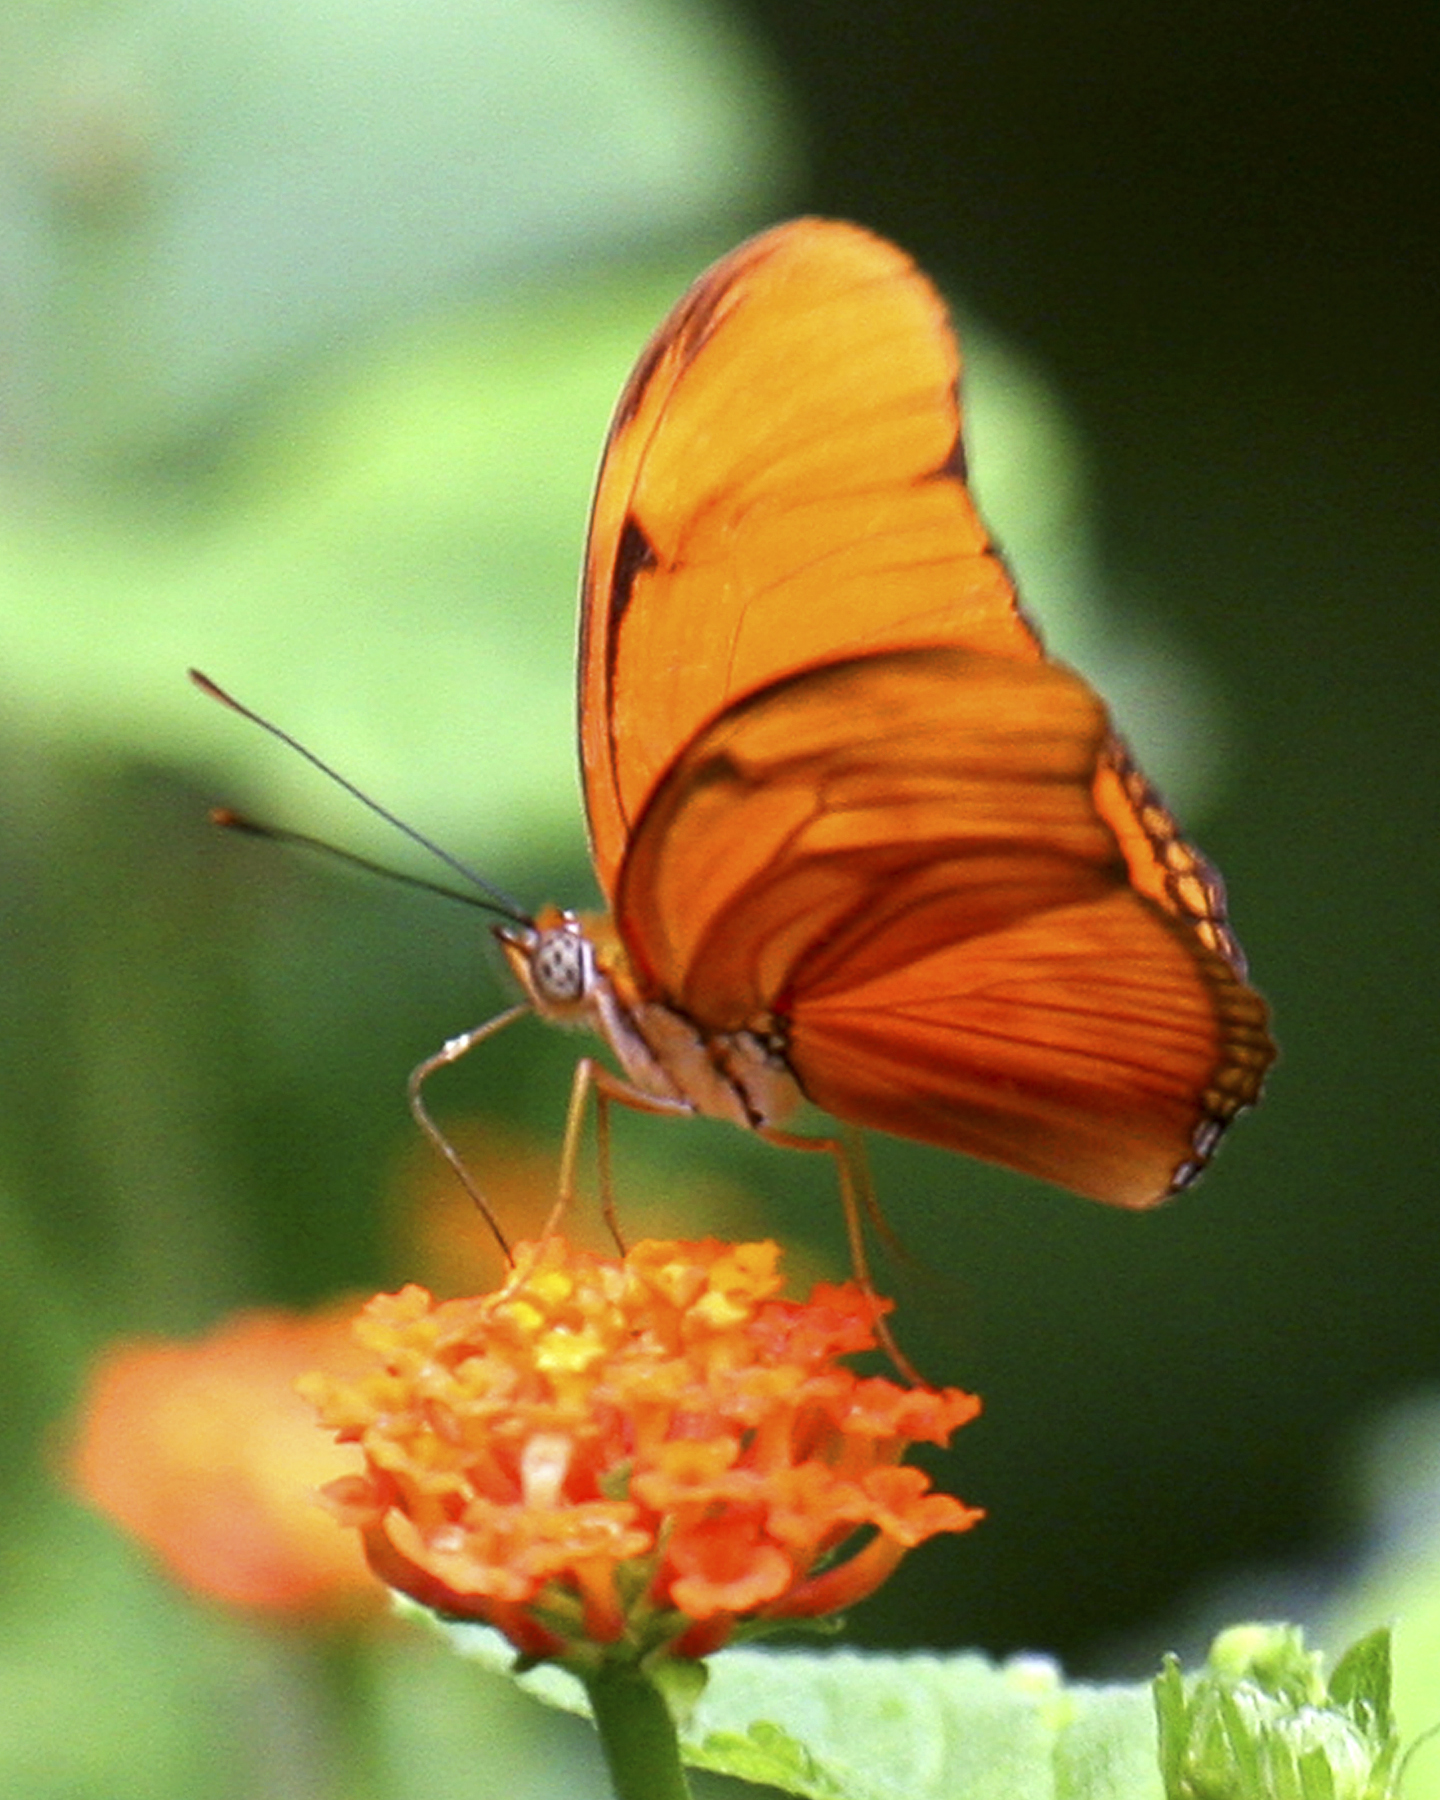 ed 255 IMG_9548 8x10 orange butterfly copy 2.jpg